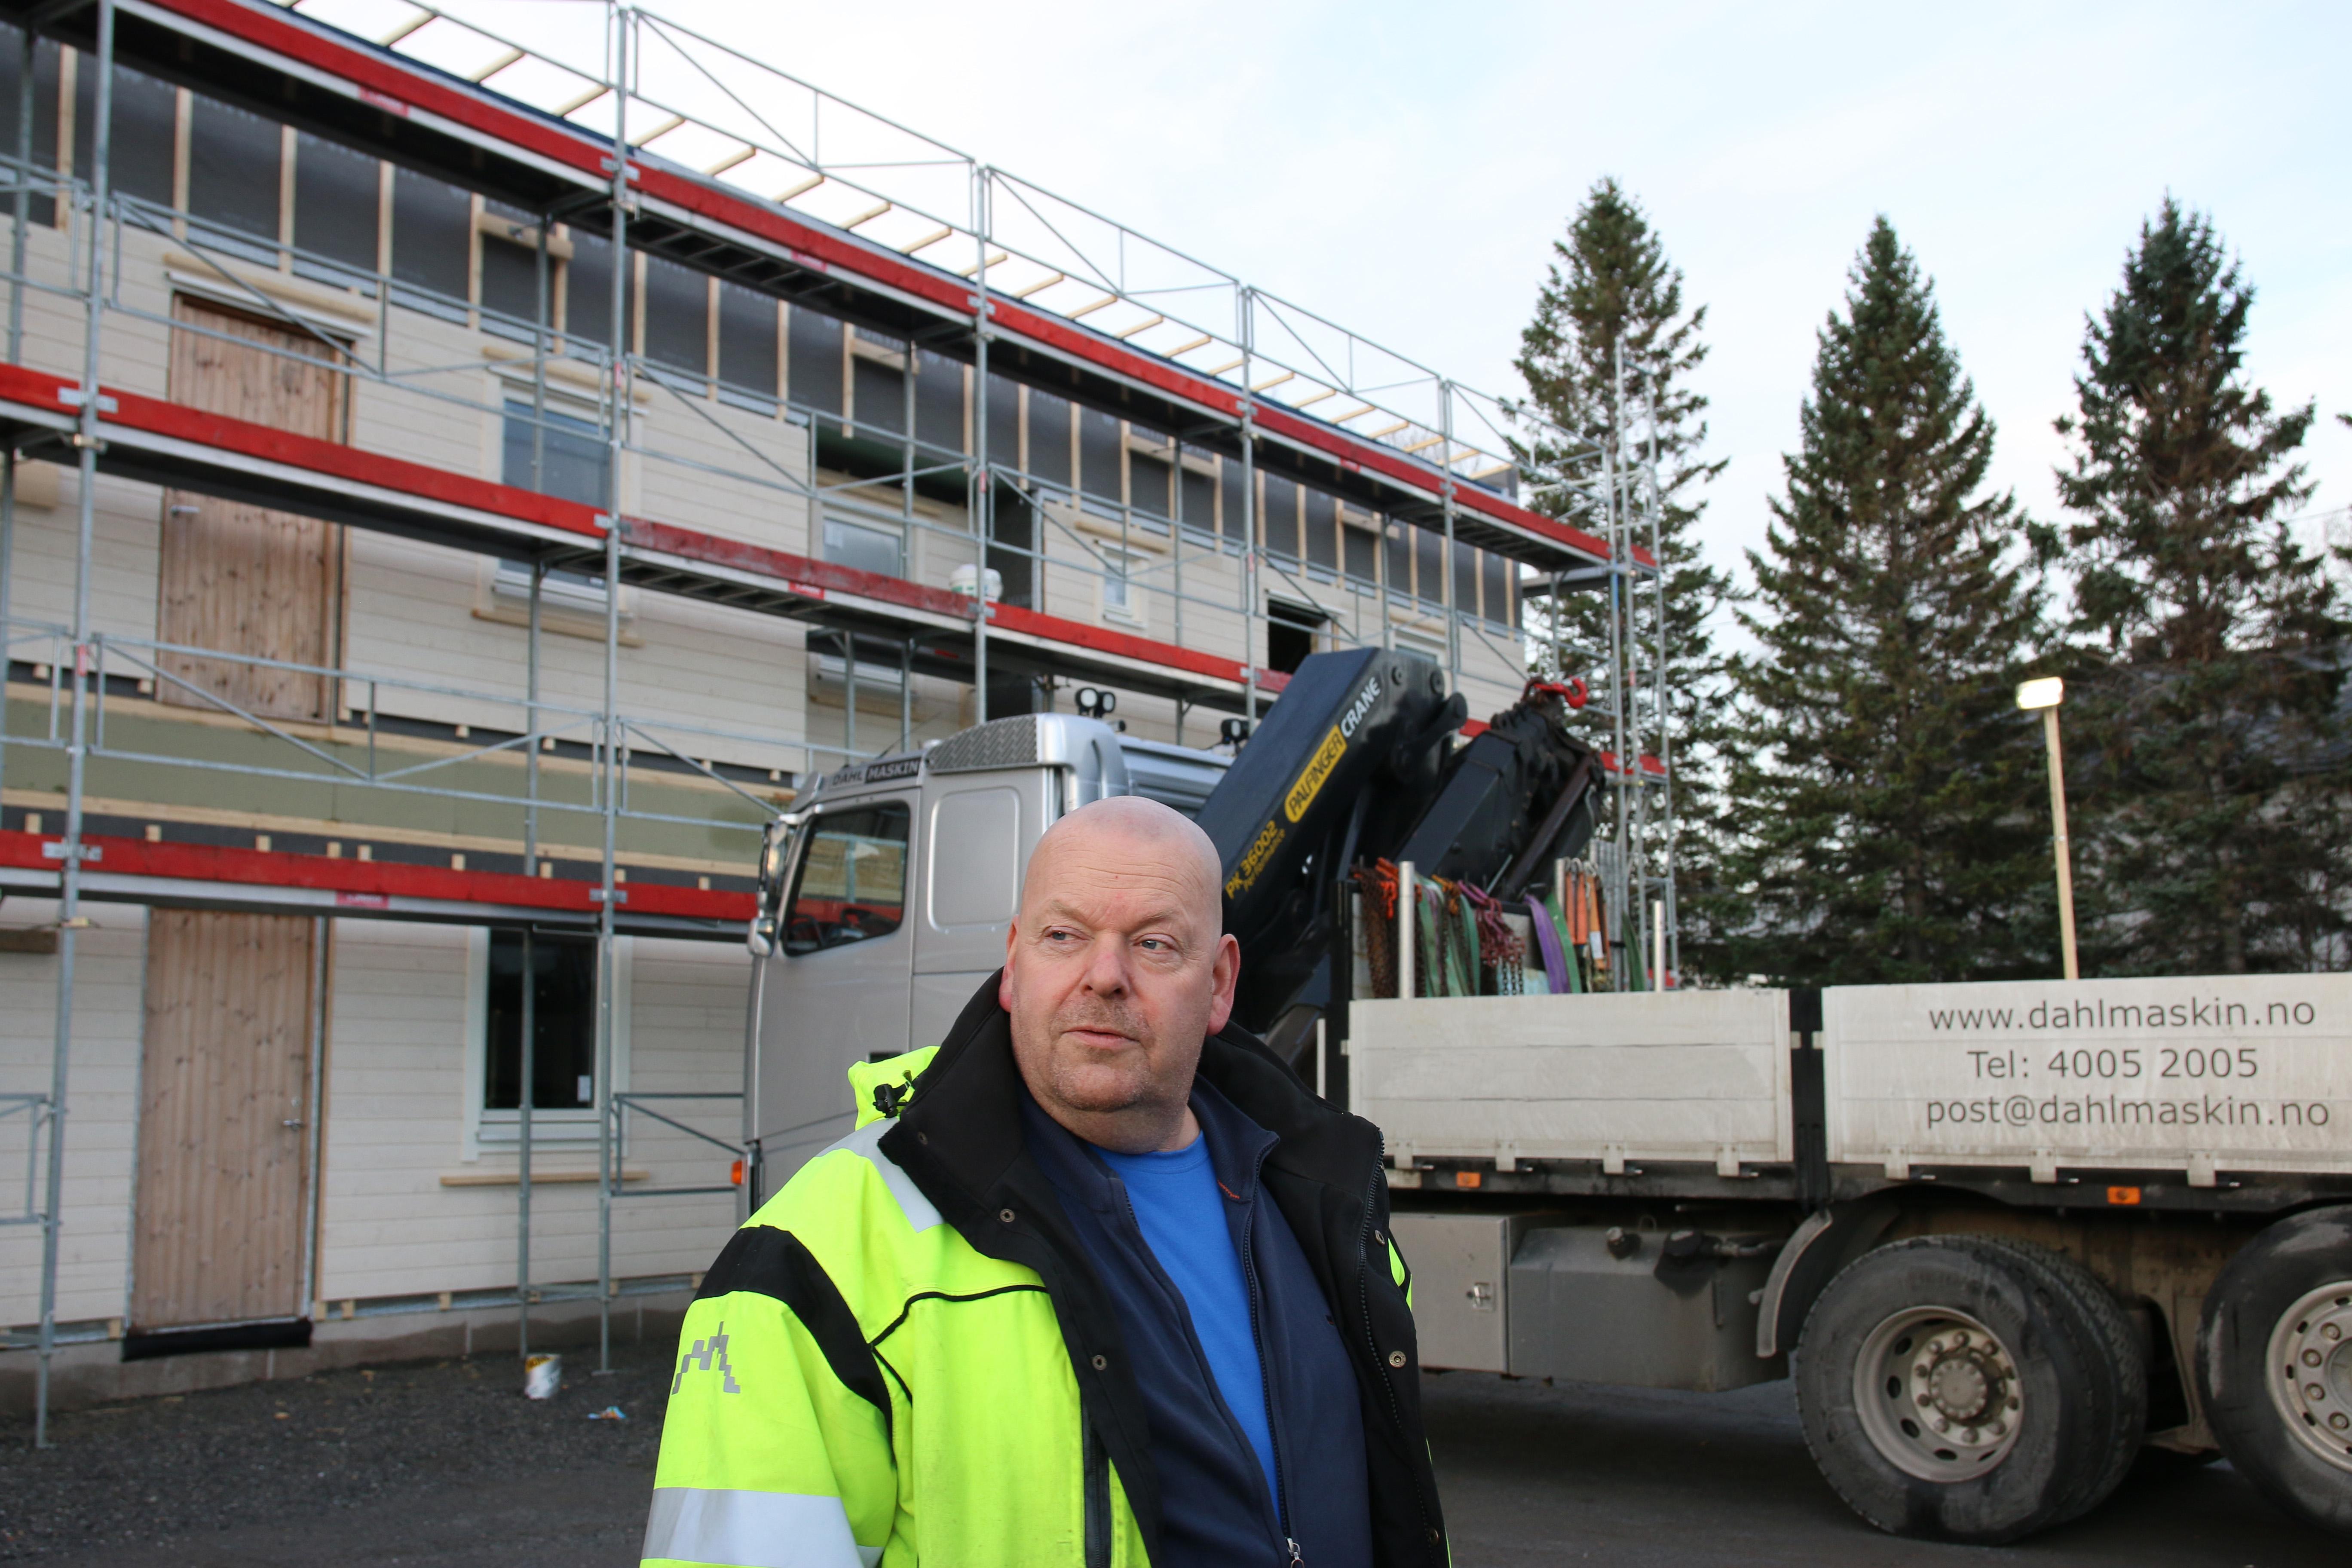 Mann i refleksjakke står fremfor lastebil merket med Dahl Maskin